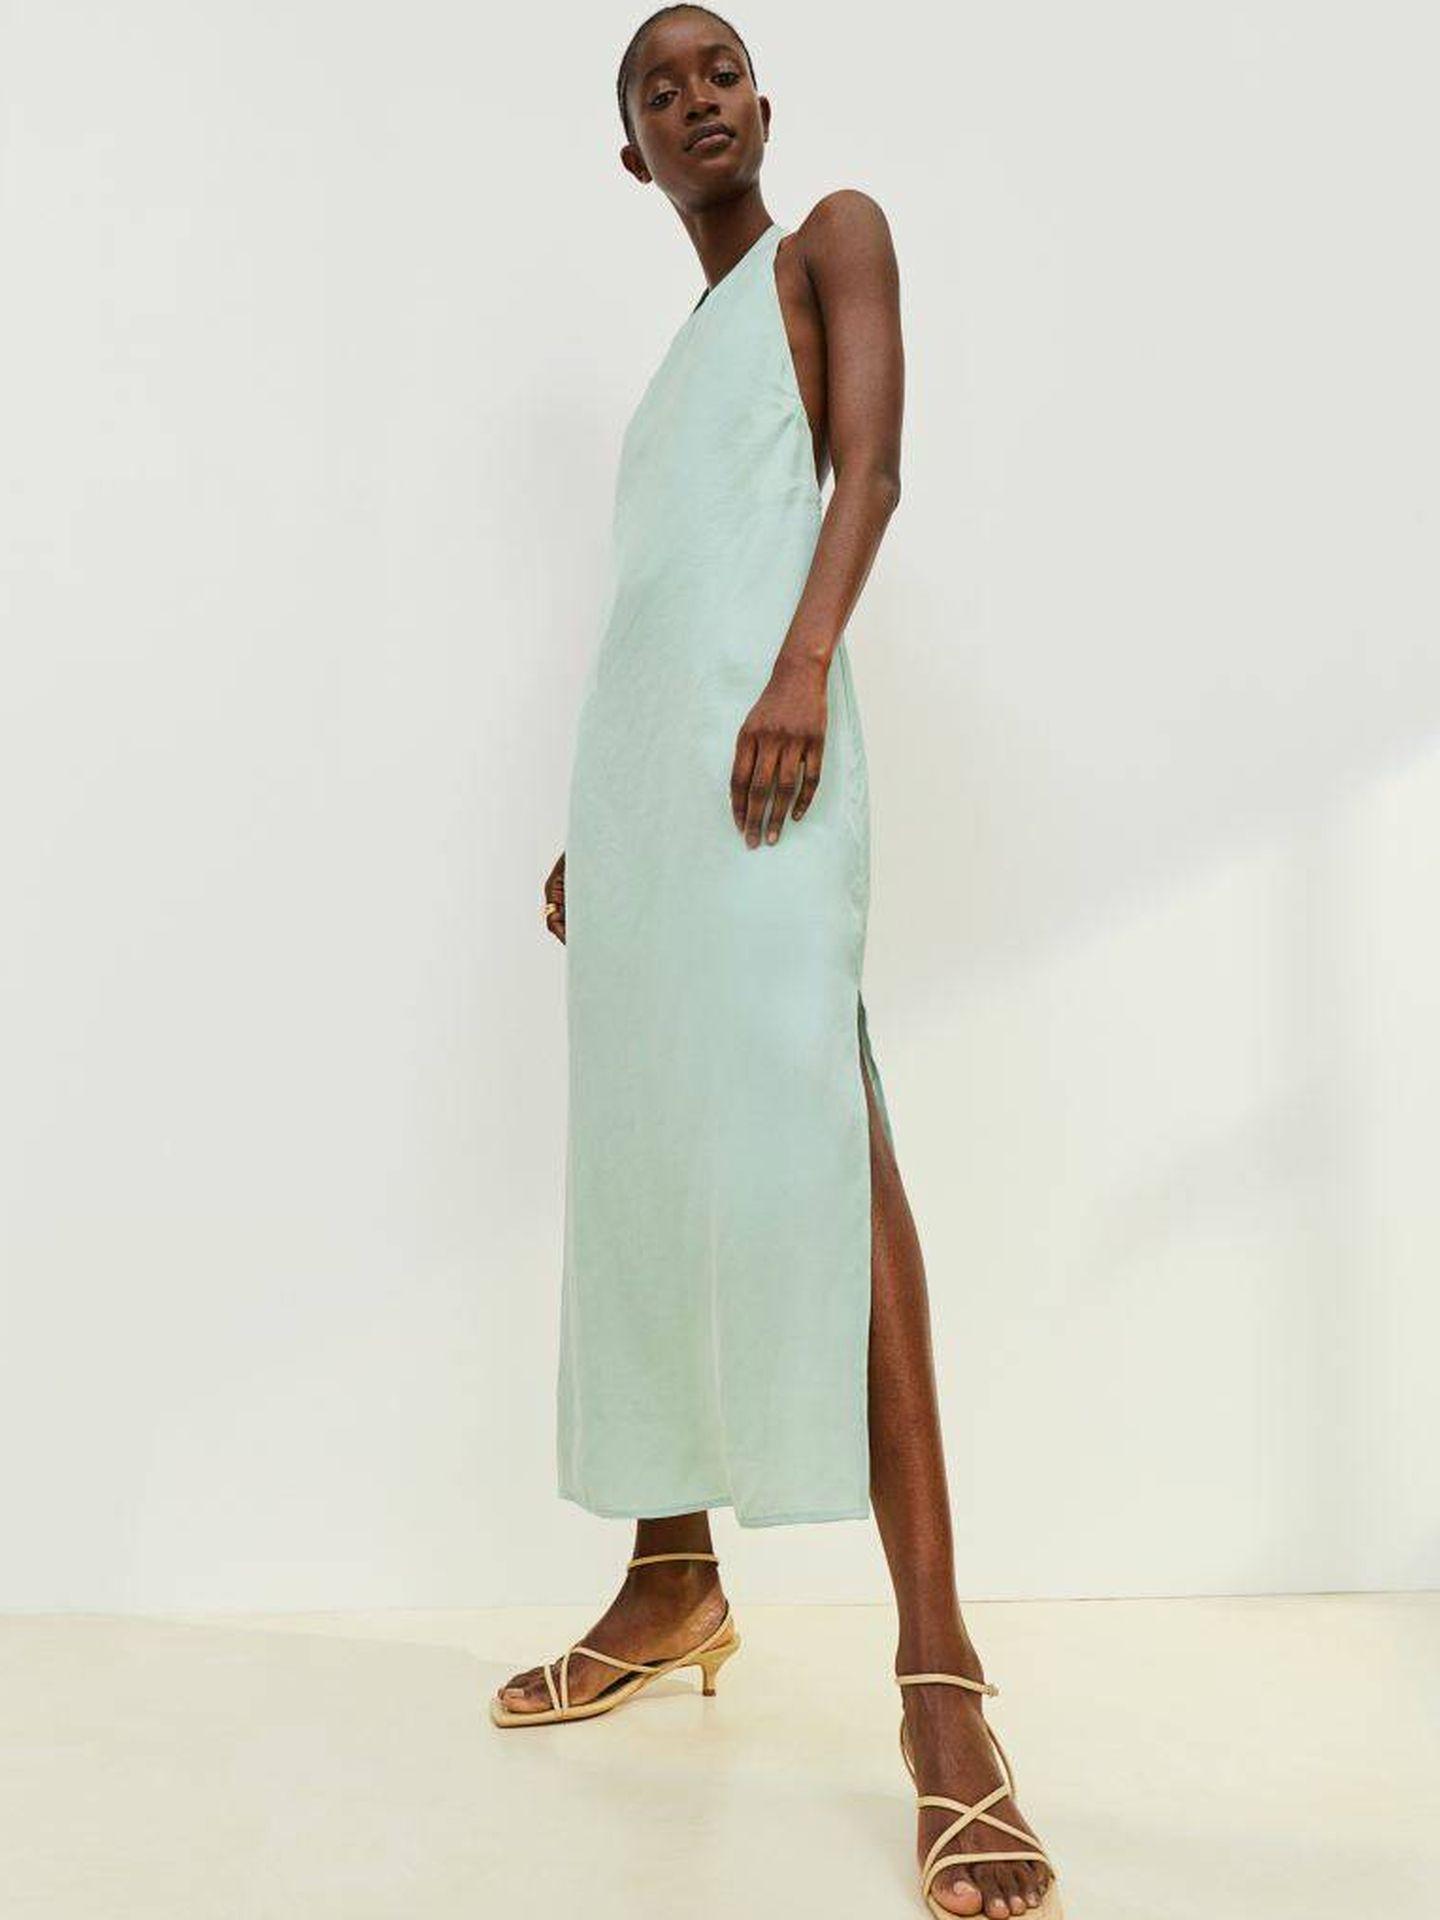 Un nuevo vestido low cost de HyM. (Cortesía)